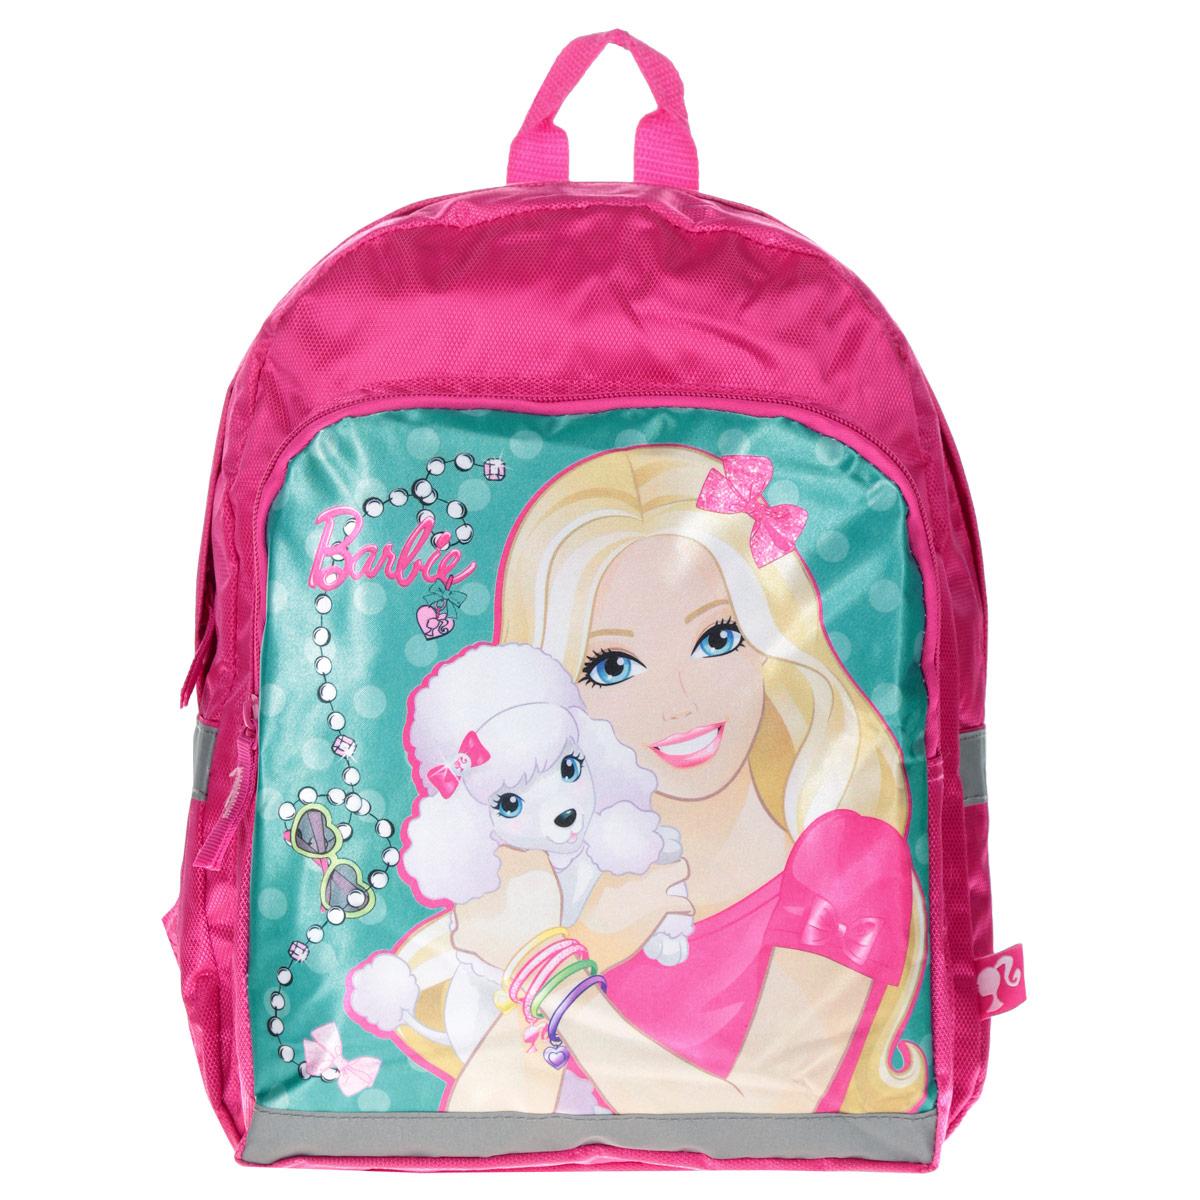 Рюкзак детский Barbie, цвет: розовый, бирюзовый. BRAP-UT-558BRAP-UT-558Рюкзак детский Barbie - это незаменимая вещь для прогулок и повседневных дел, в нем можно разместить самые важные вещи. Пусть у вашего ребенка тоже будет свой собственный рюкзак. Выполнен рюкзак из прочных и безопасных материалов. Лицевая сторона оформлена ярким изображением куклы Барби с собачкой. У модели одно вместительное отделение на застежке-молнии. Фронтальный карман также на молнии. Широкие лямки можно свободно регулировать по длине в зависимости от роста ребенка. Рюкзак оснащен текстильной ручкой для переноски в руке. Светоотражающие элементы обеспечивают безопасность в темное время суток.